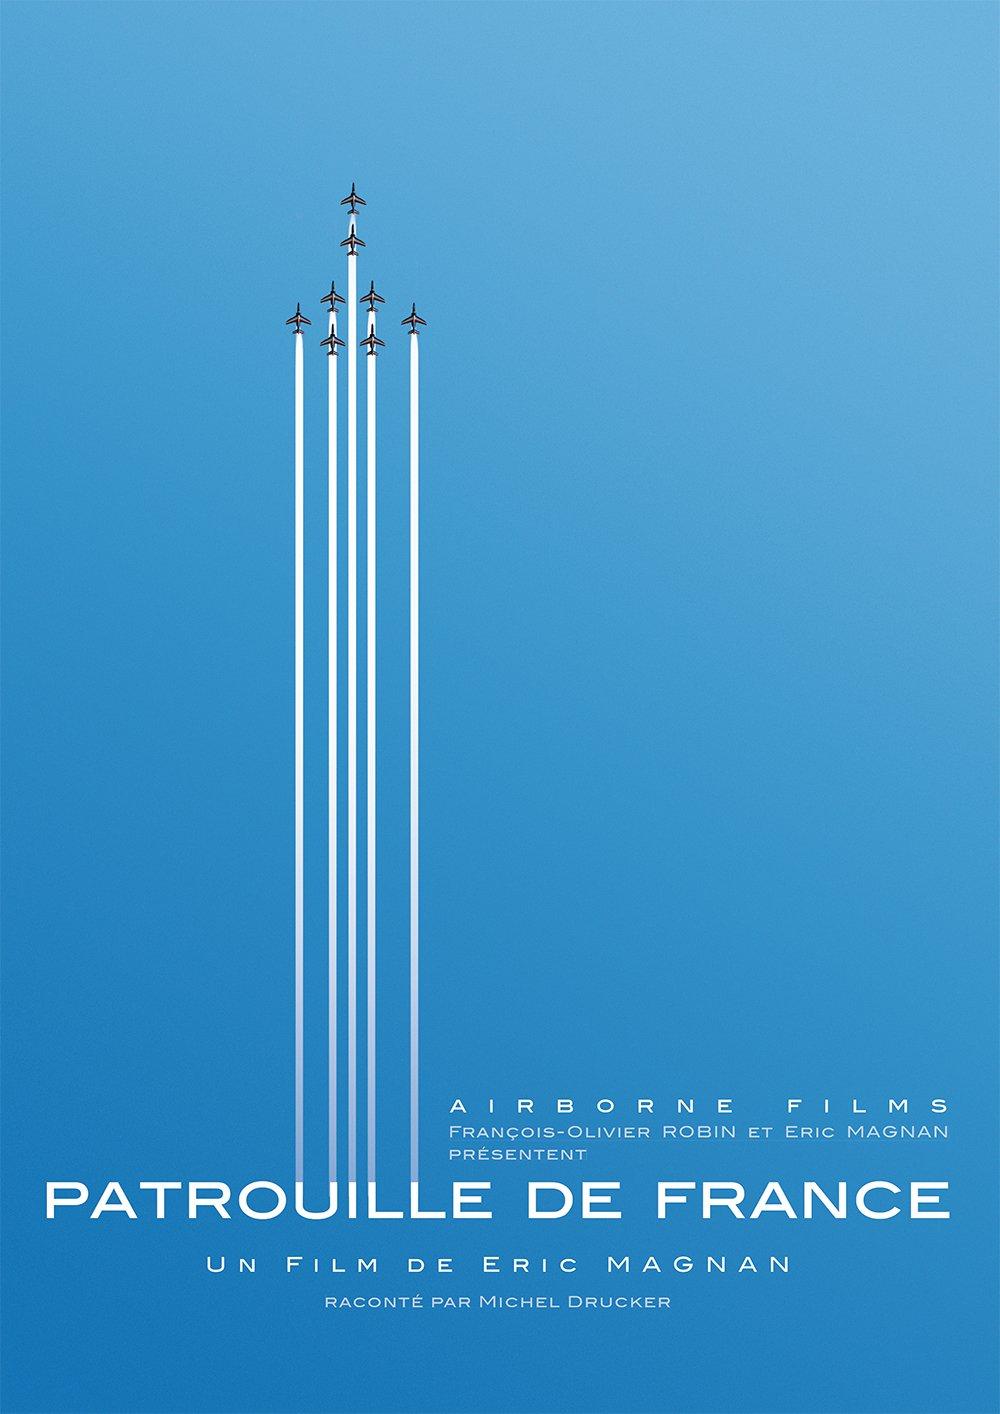 La Patrouille de France  61nv9uIqx6L._SL1414_